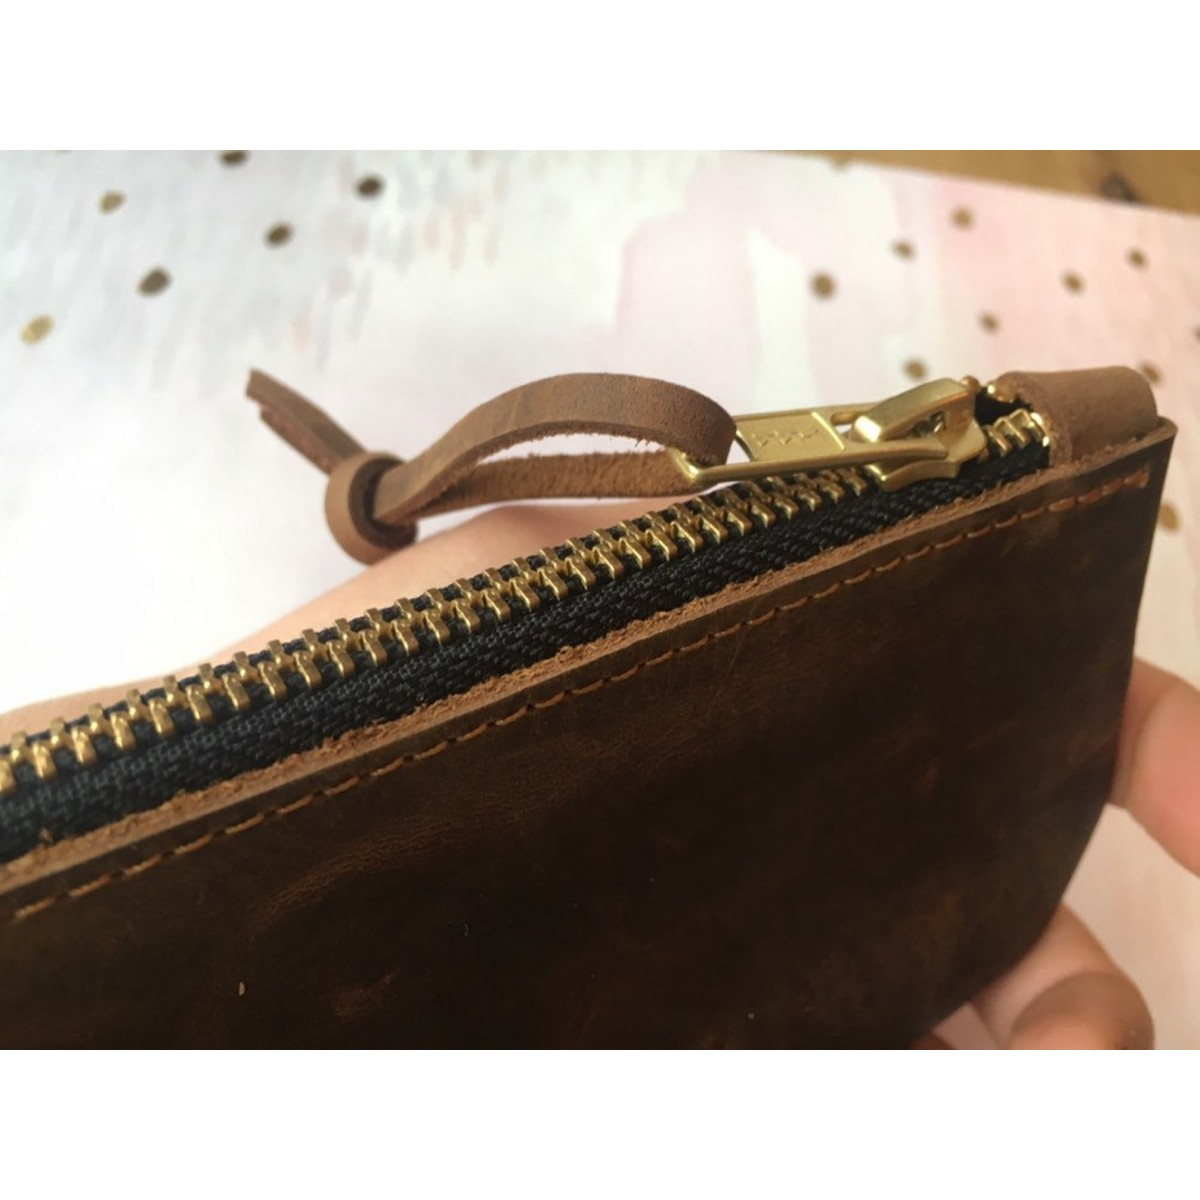 BSaite / Kleines Leder Portemonnaie / kleine Leder Clutch / kleine Leder Geldbörse / Reißverschluss Tasche